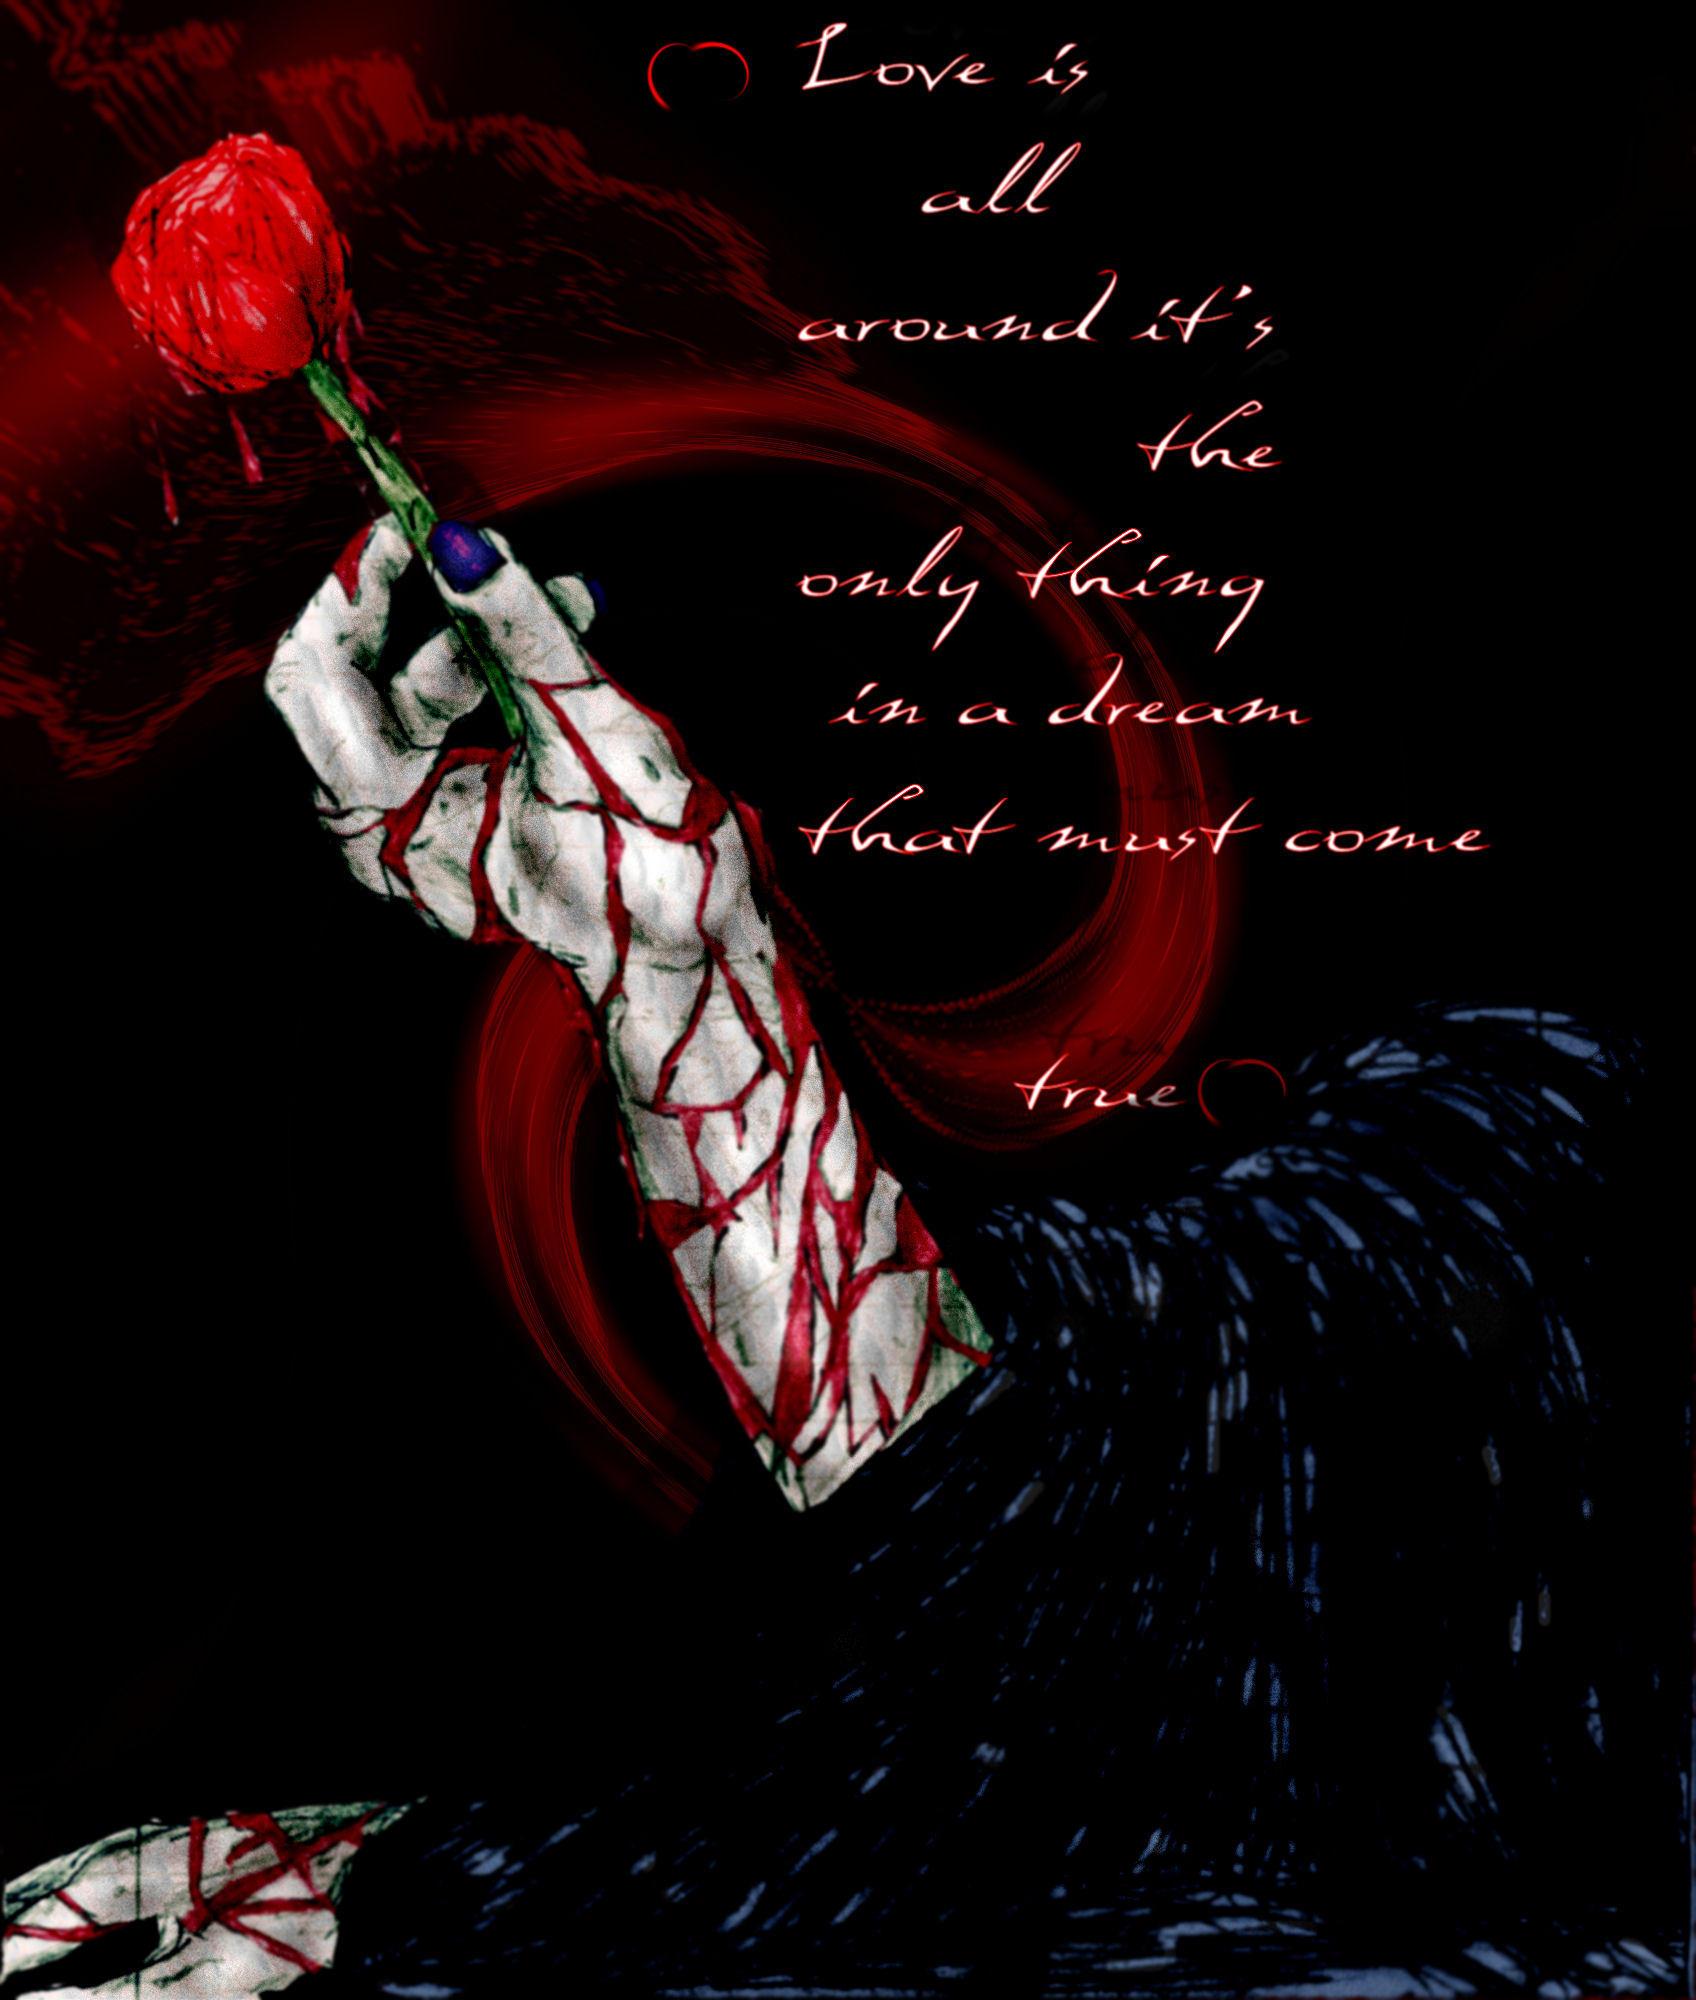 Bloody Rose By Raikai On DeviantArt